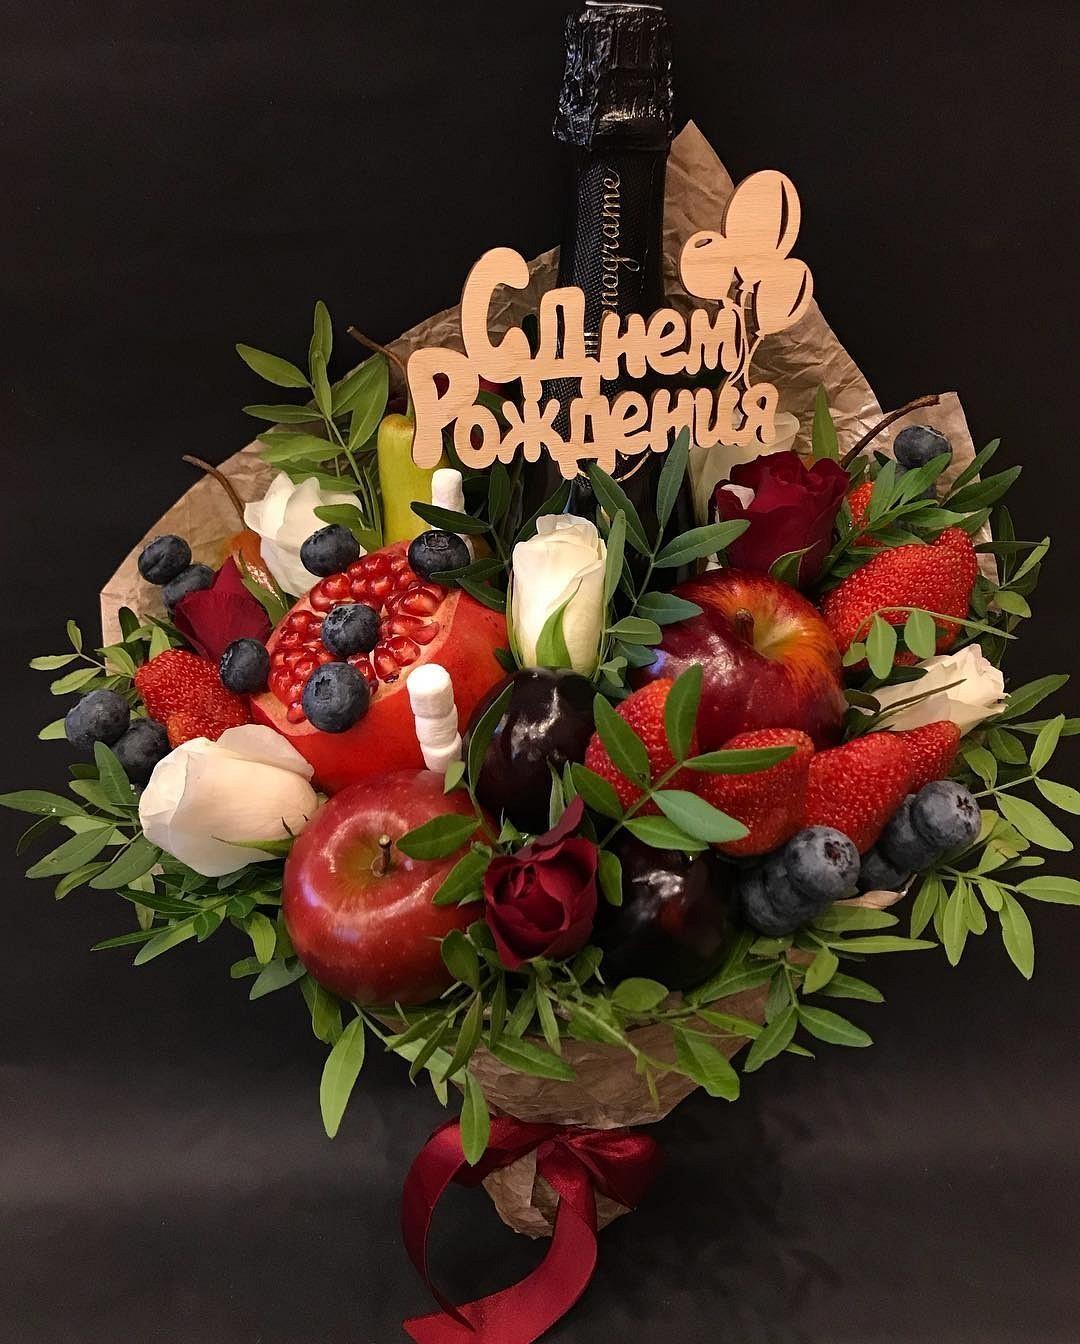 Робот, с днем рождения открытки с цветами и фруктами